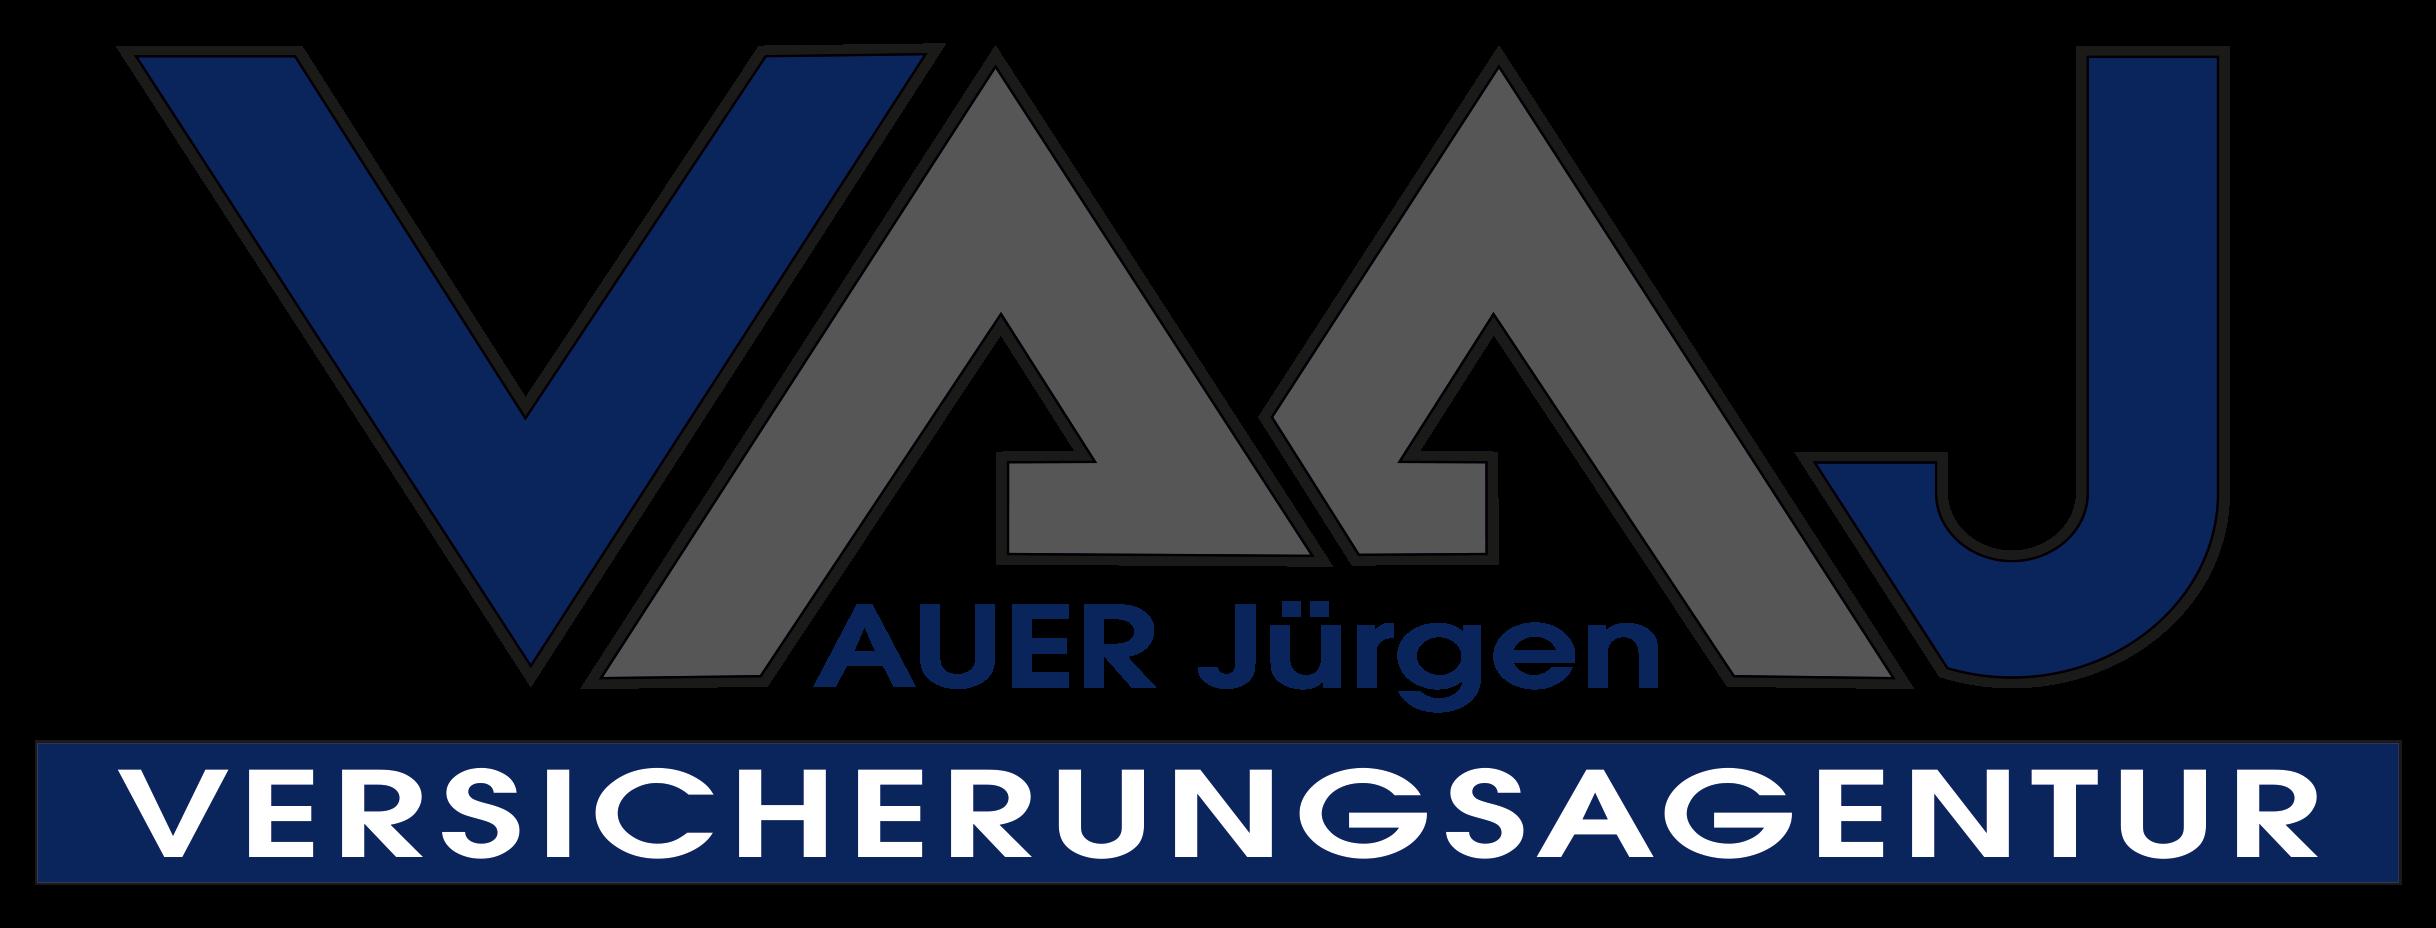 Versicherungsagentur Auer Jürgen